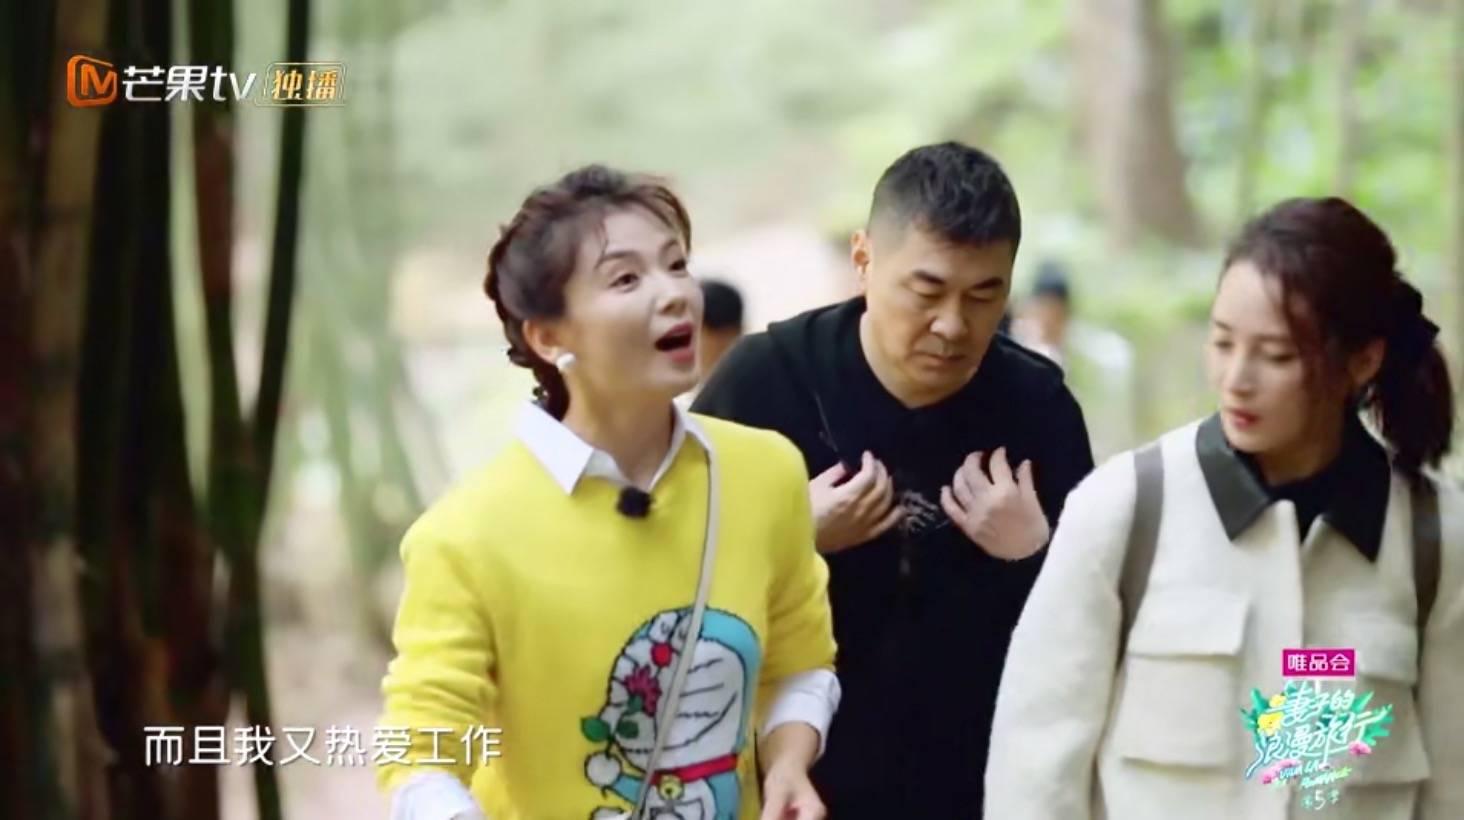 陳建斌和蔣勤勤錄《幸福三重奏》很恩愛,到了《妻子5》變了畫風?